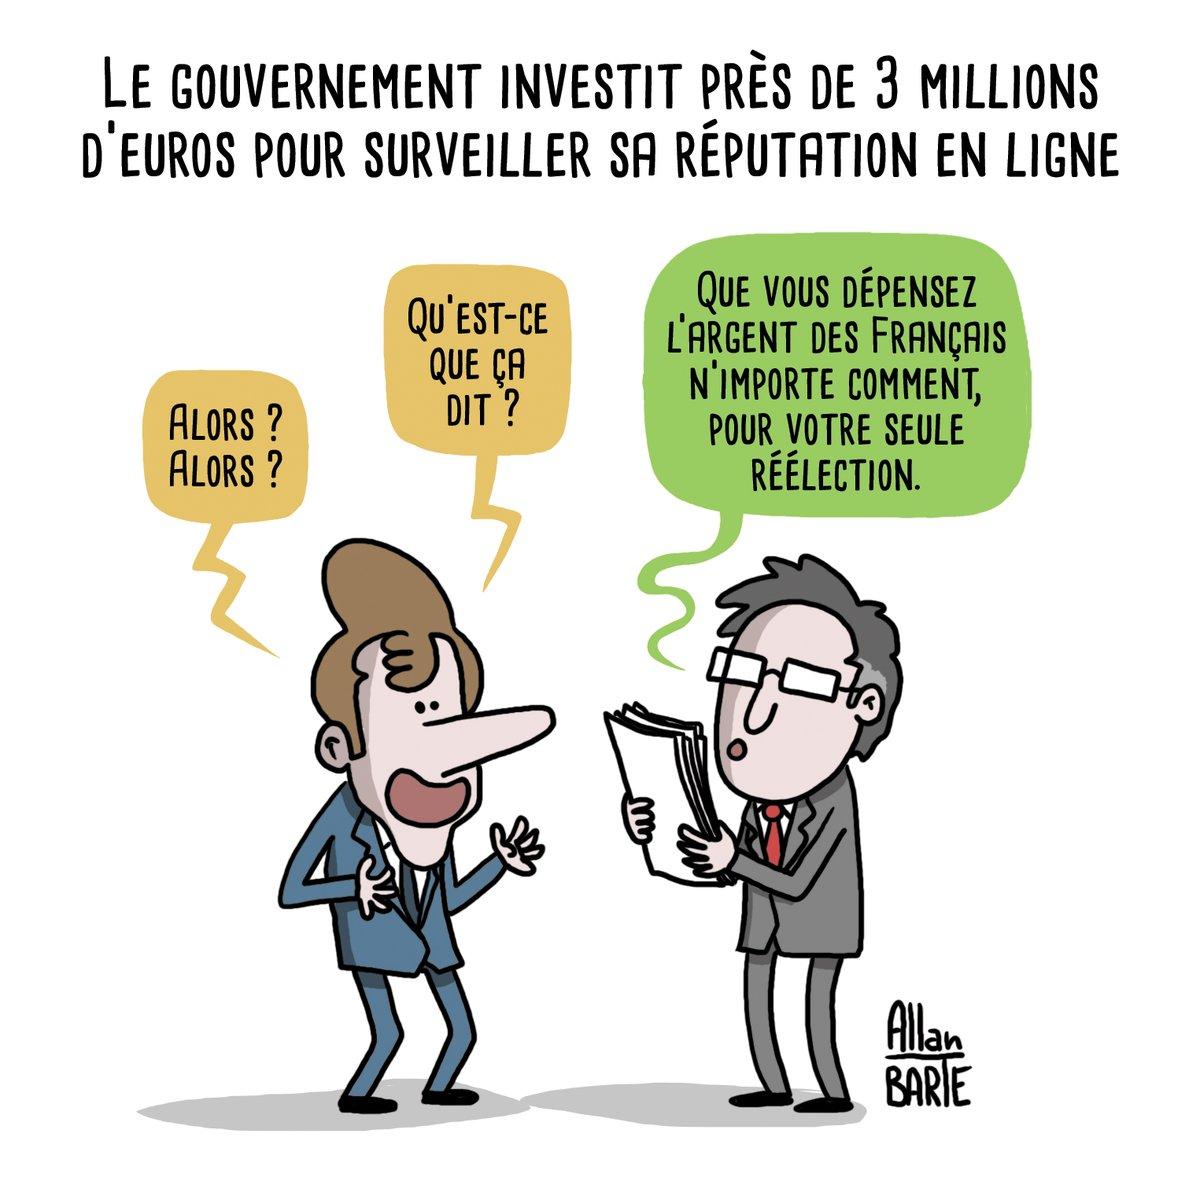 Rend l'argent Manu. Et les clés. @EmmanuelMacron #MacronDemission